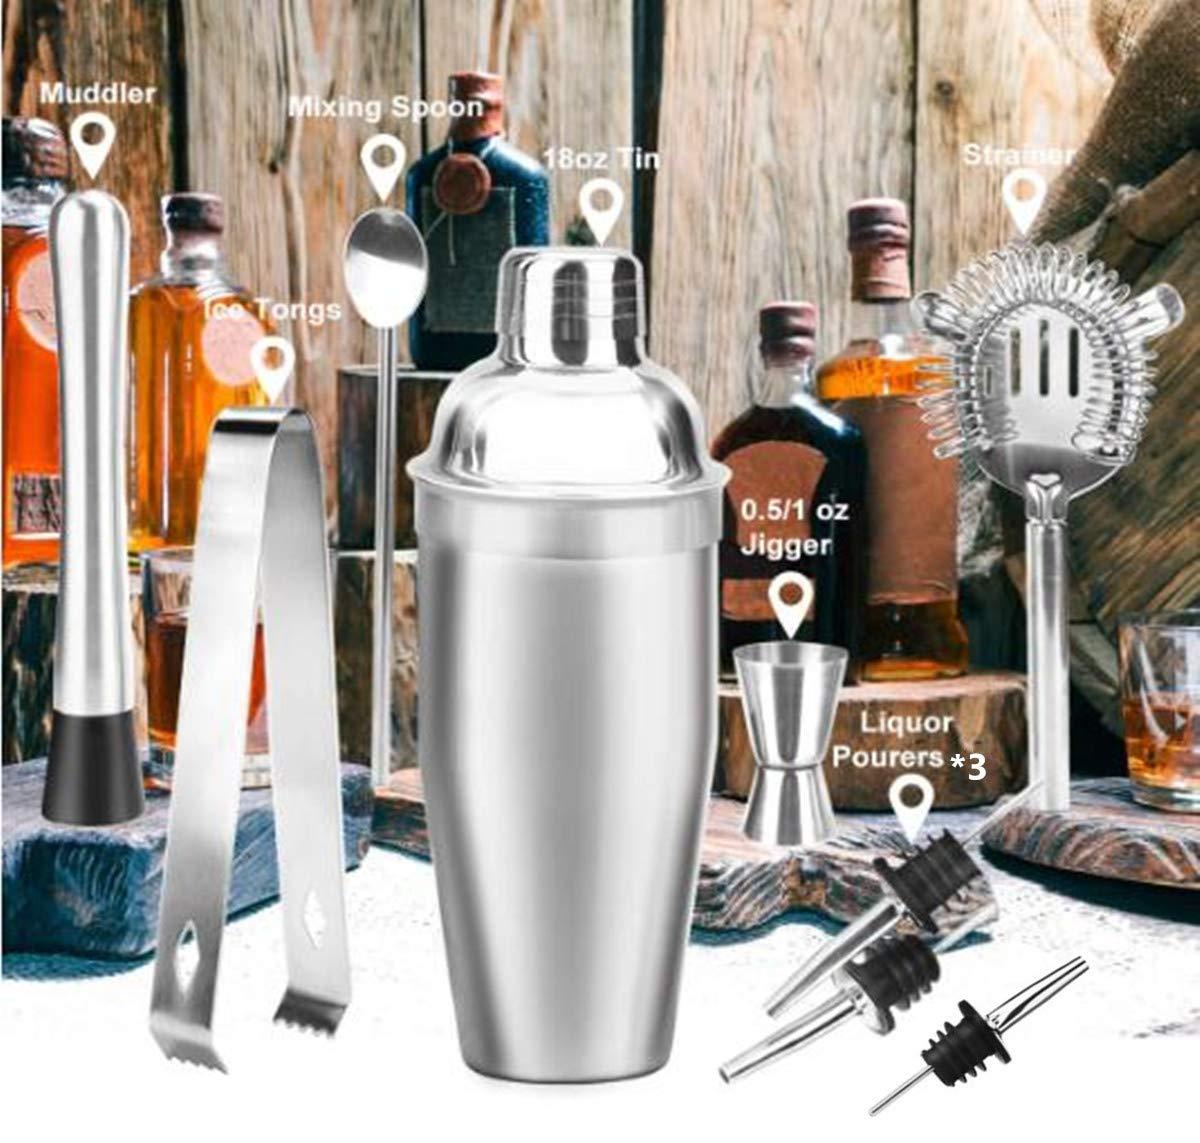 The Wolf Moon Cocktail-Set, 12-teilig, Schüttelbecher, Barmaß, gedrehter Barlöffel, Stößel, Mixer, Flaschenausgießer, Eissieb und Eiszange